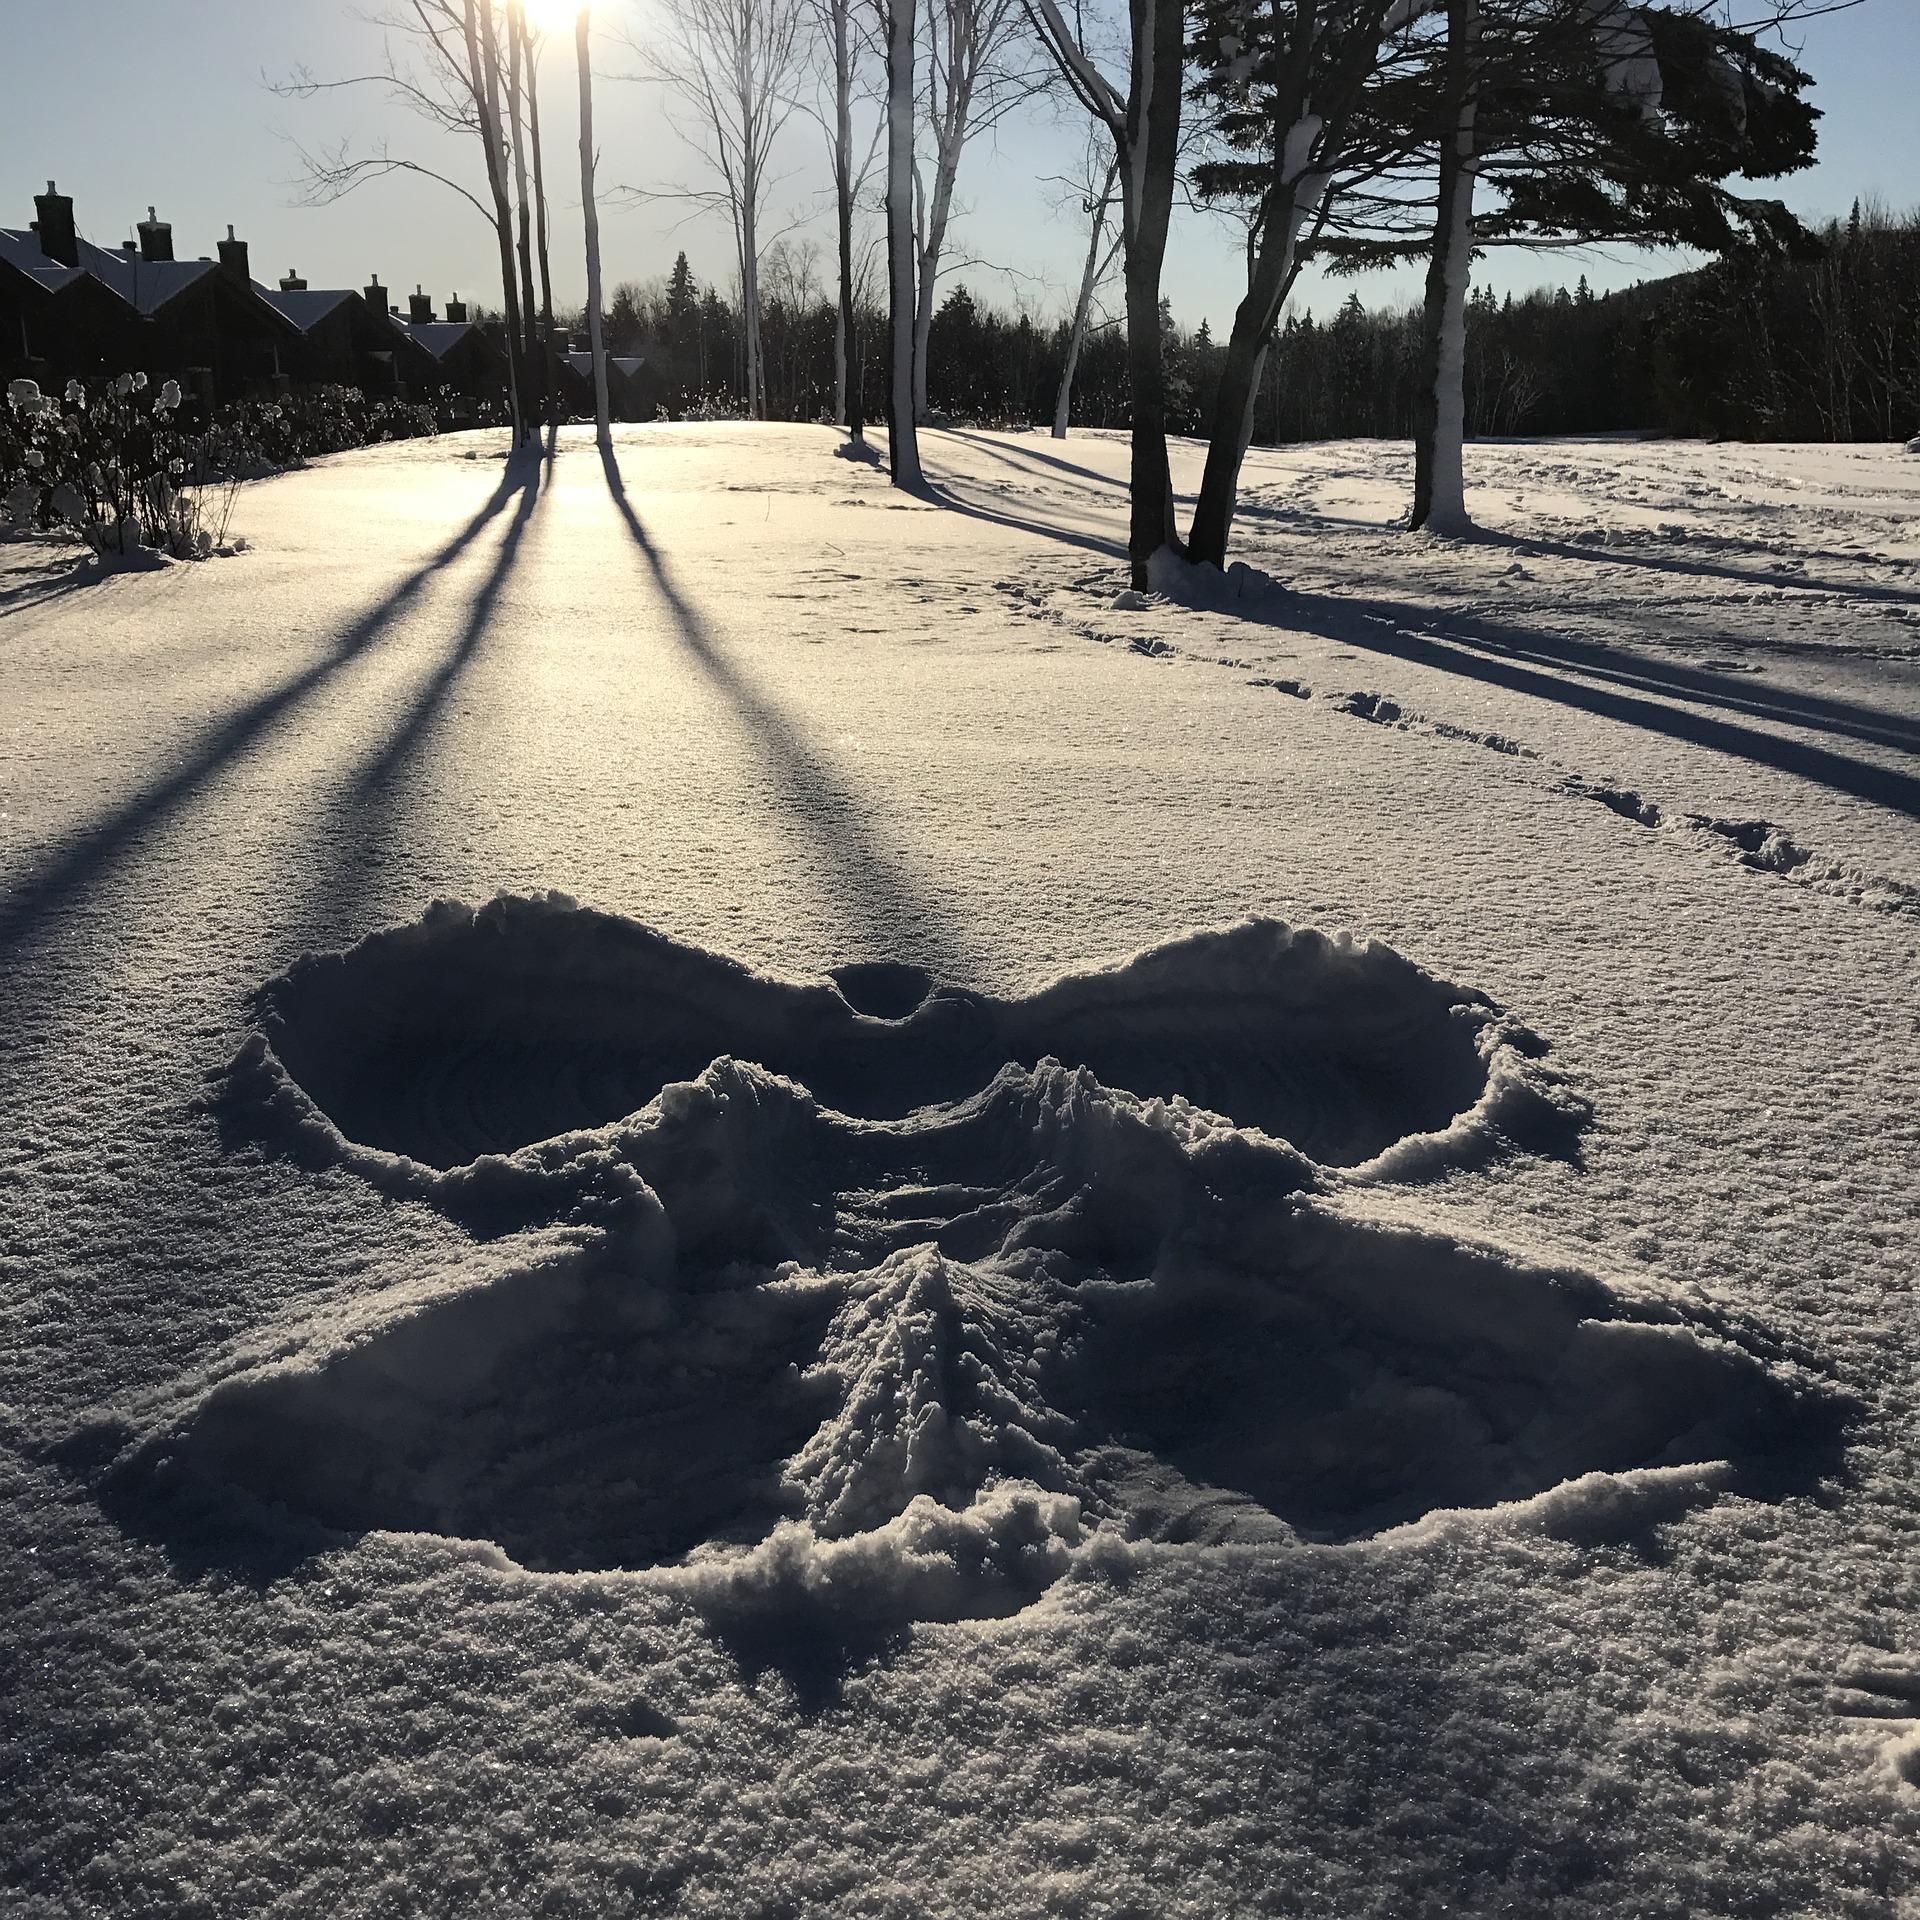 snow-1886487_1920.jpg